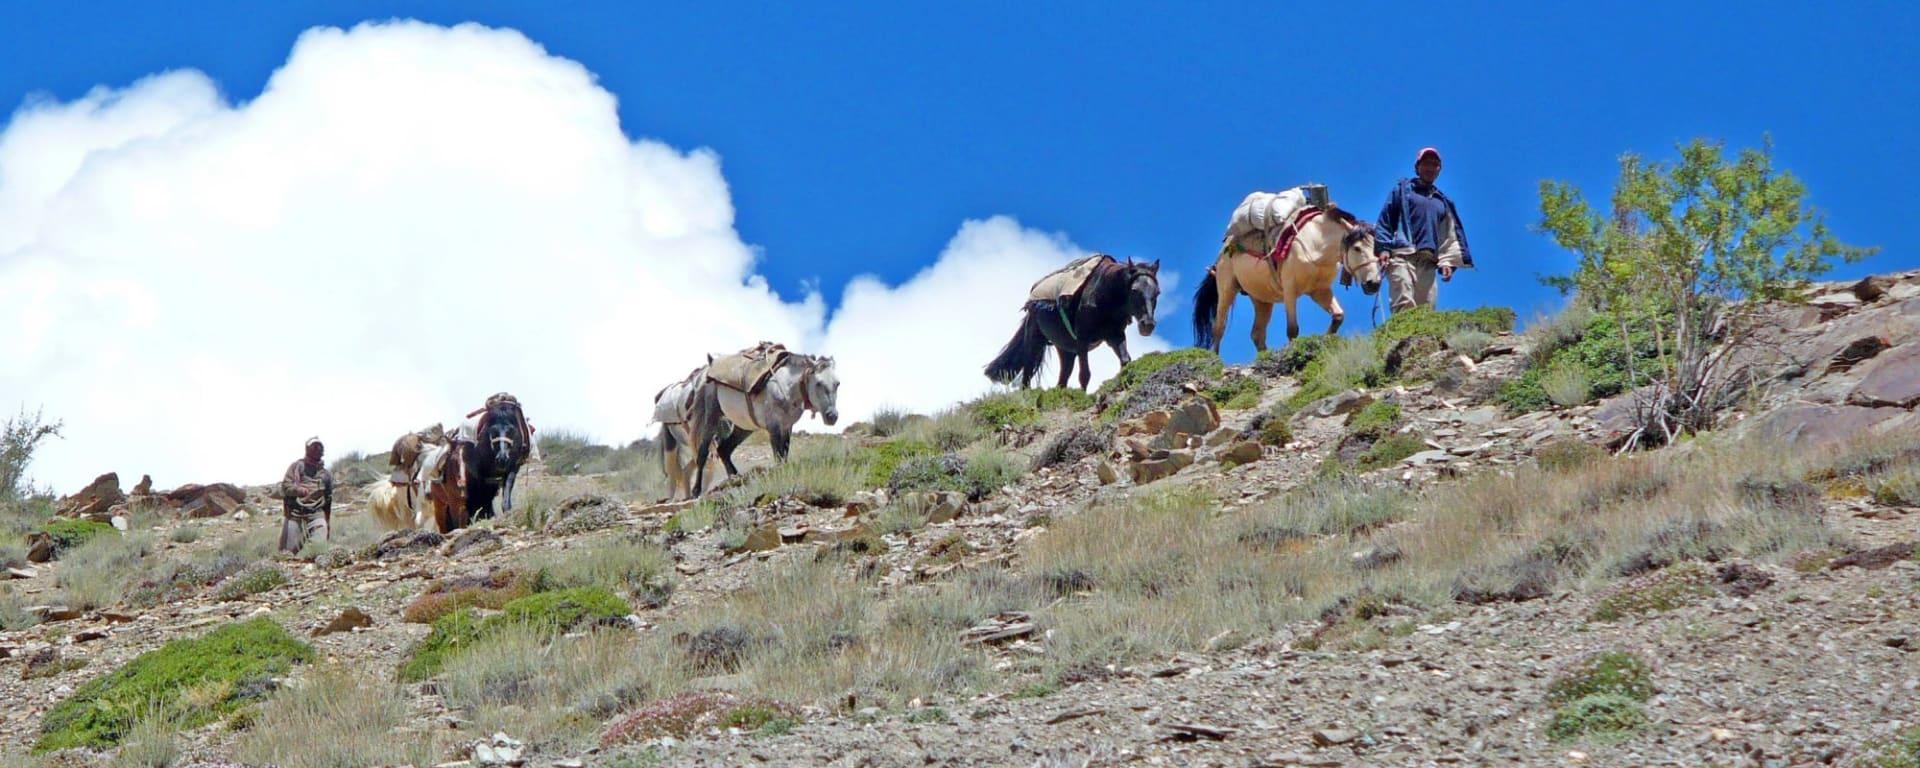 Les montagnes spectaculaires de Ladakh de Leh: Ladakh: two men with horses